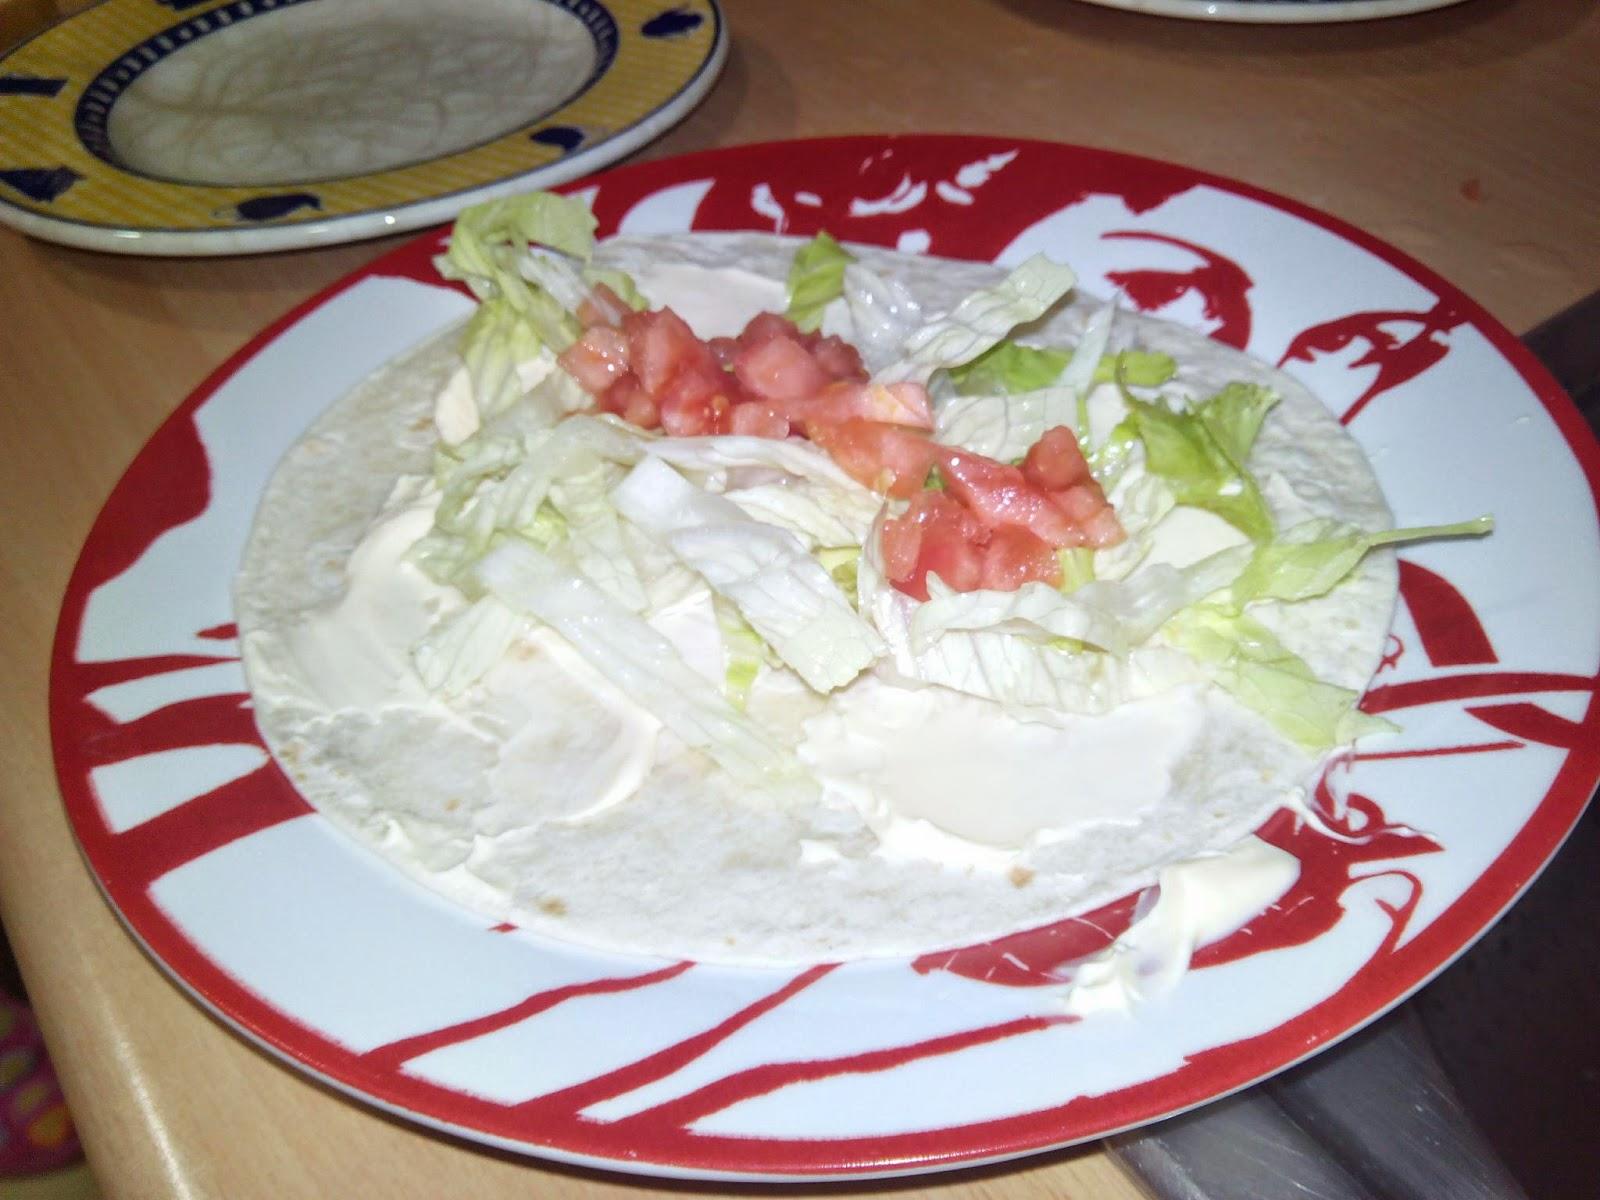 Tortita con mayonesa, lechuga y tomate